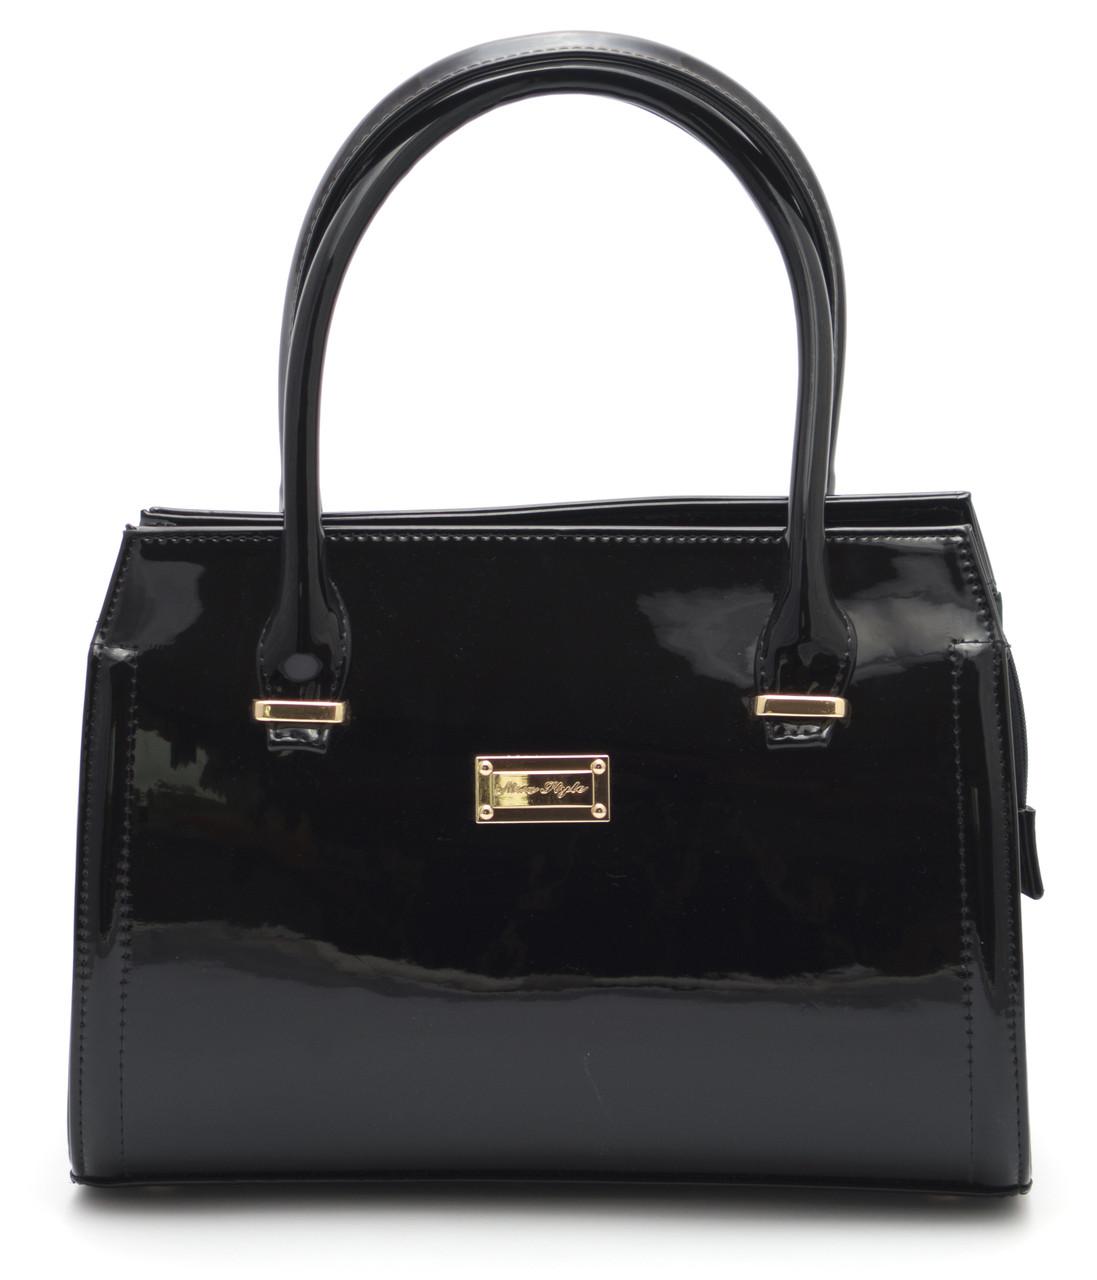 Черная лаковая женская сумка Zgarda Украина art. 05-15